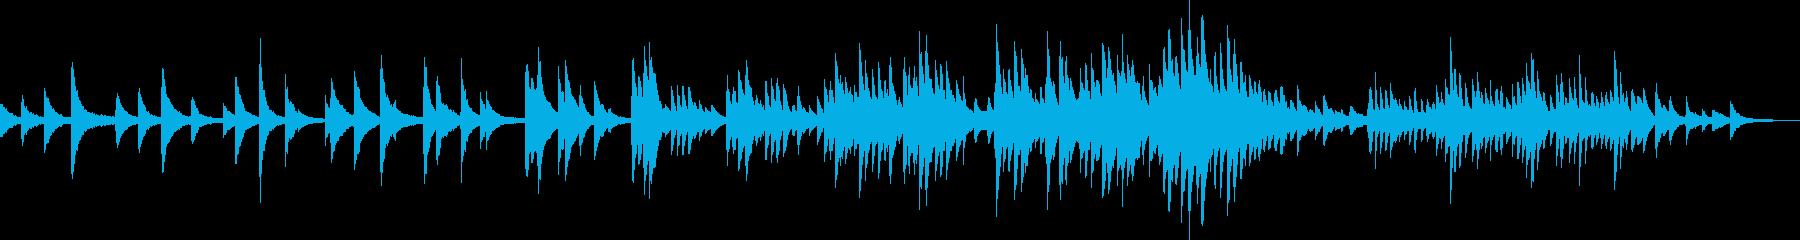 優しい気持ち(ピアノ・BGM・ゆったり)の再生済みの波形